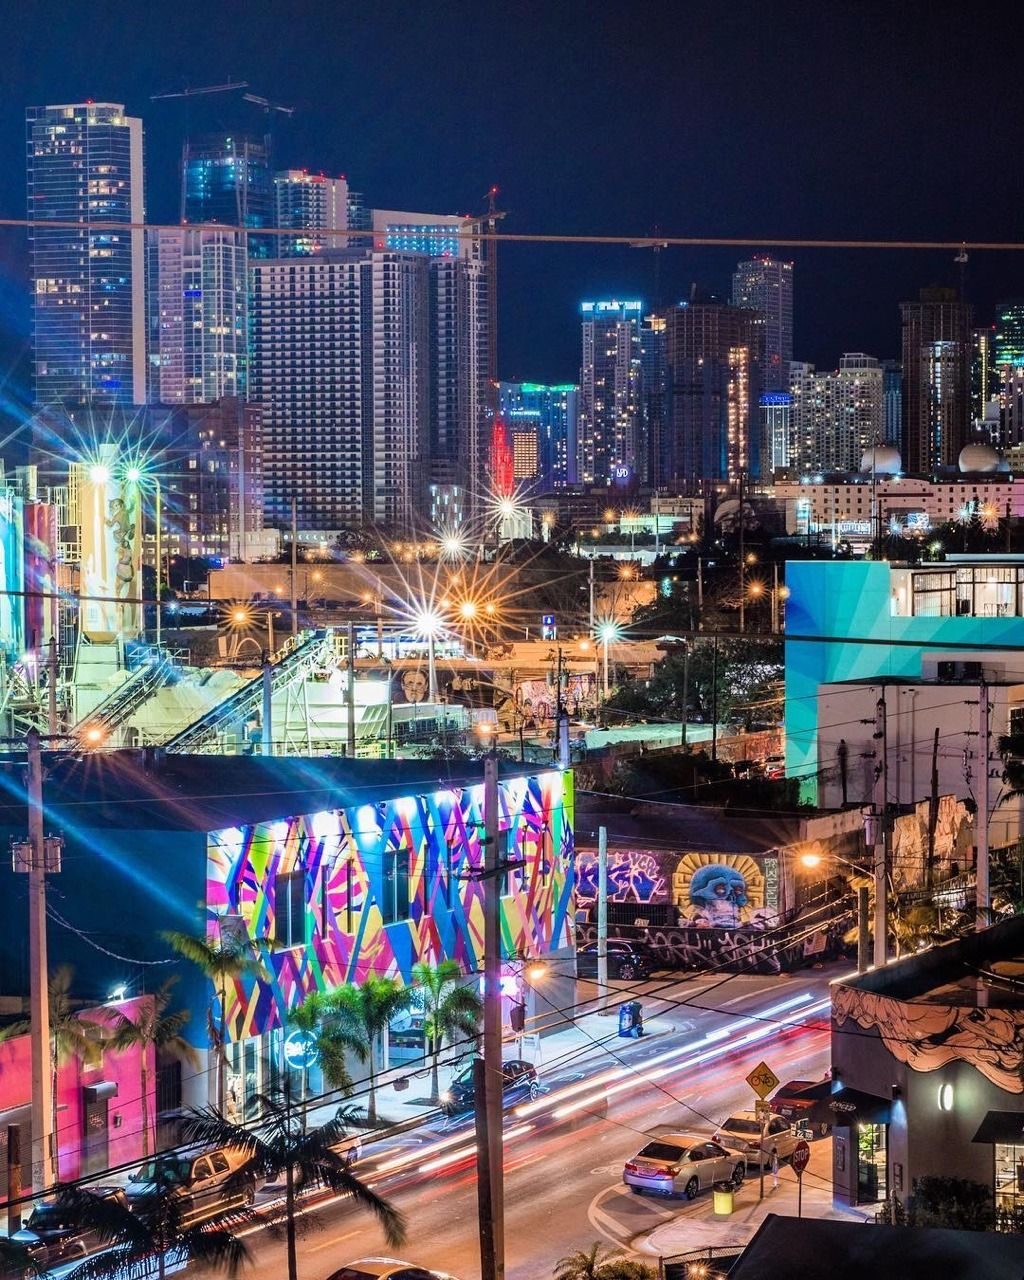 Miami At Night By Tony Sarria In 2020